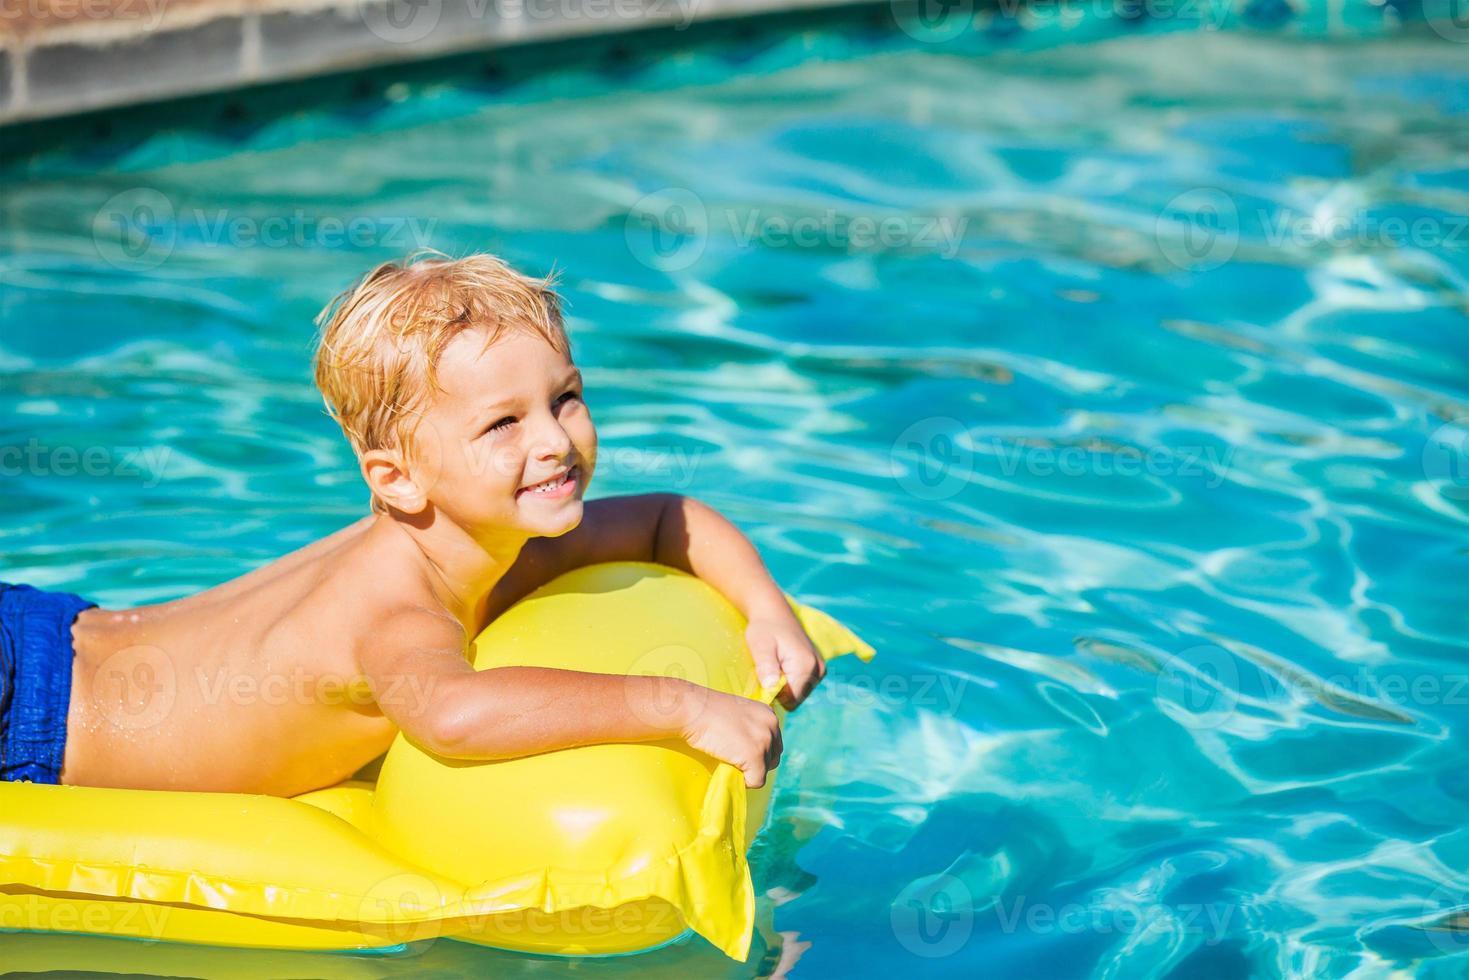 garoto relaxando e se divertindo na piscina foto